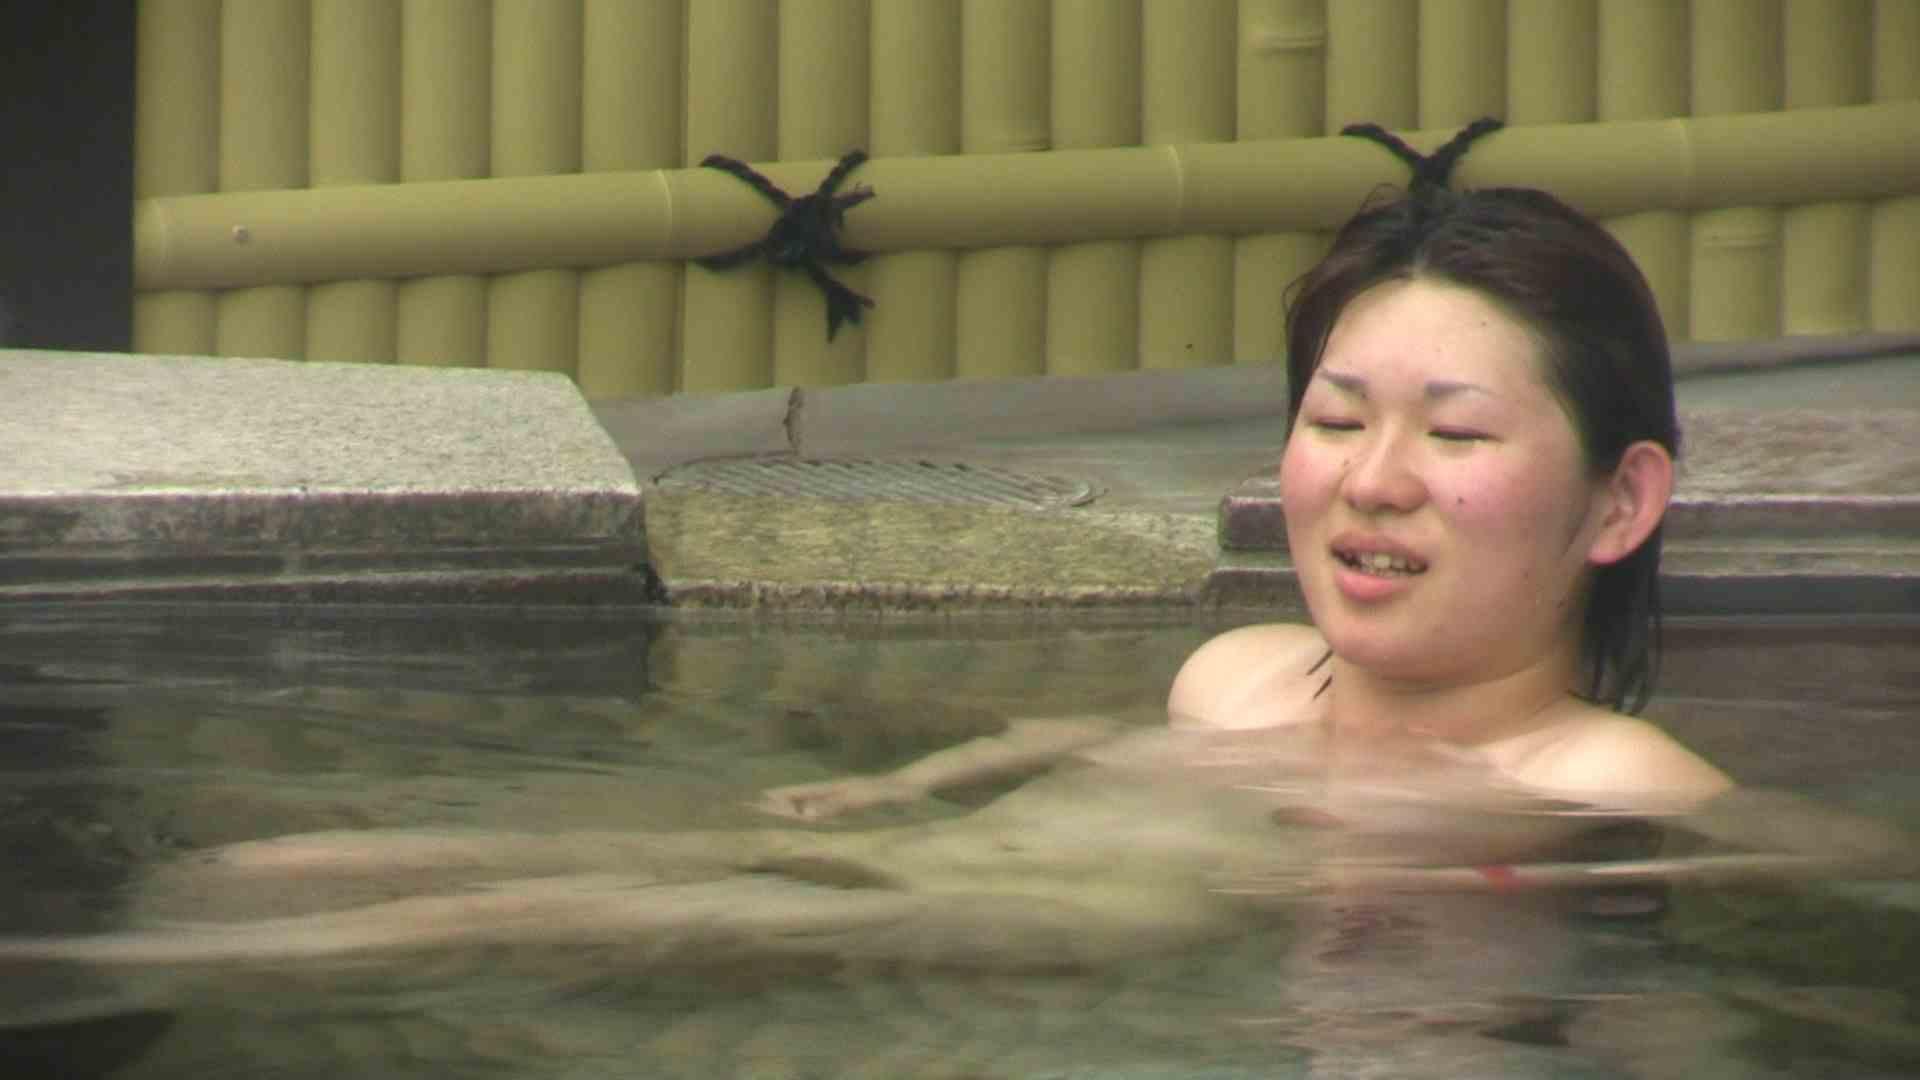 Aquaな露天風呂Vol.673 美しいOLの裸体  99pic 84